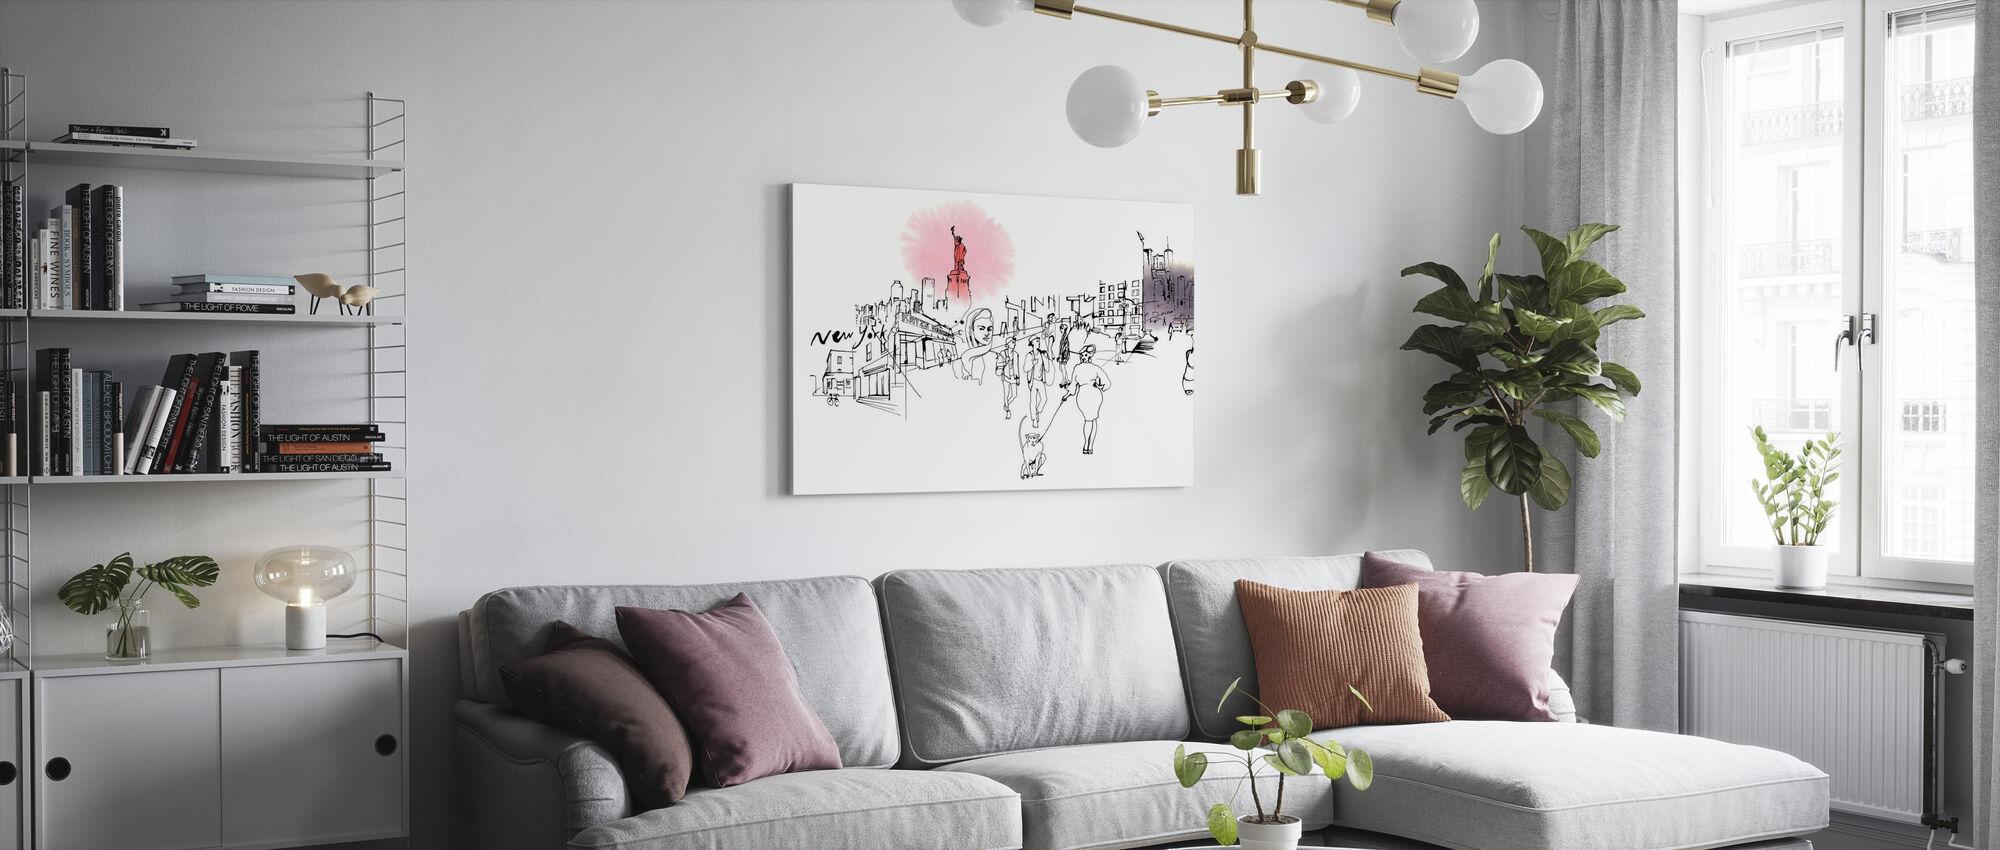 New York City - Katz's Delicatessen - Canvas print - Living Room